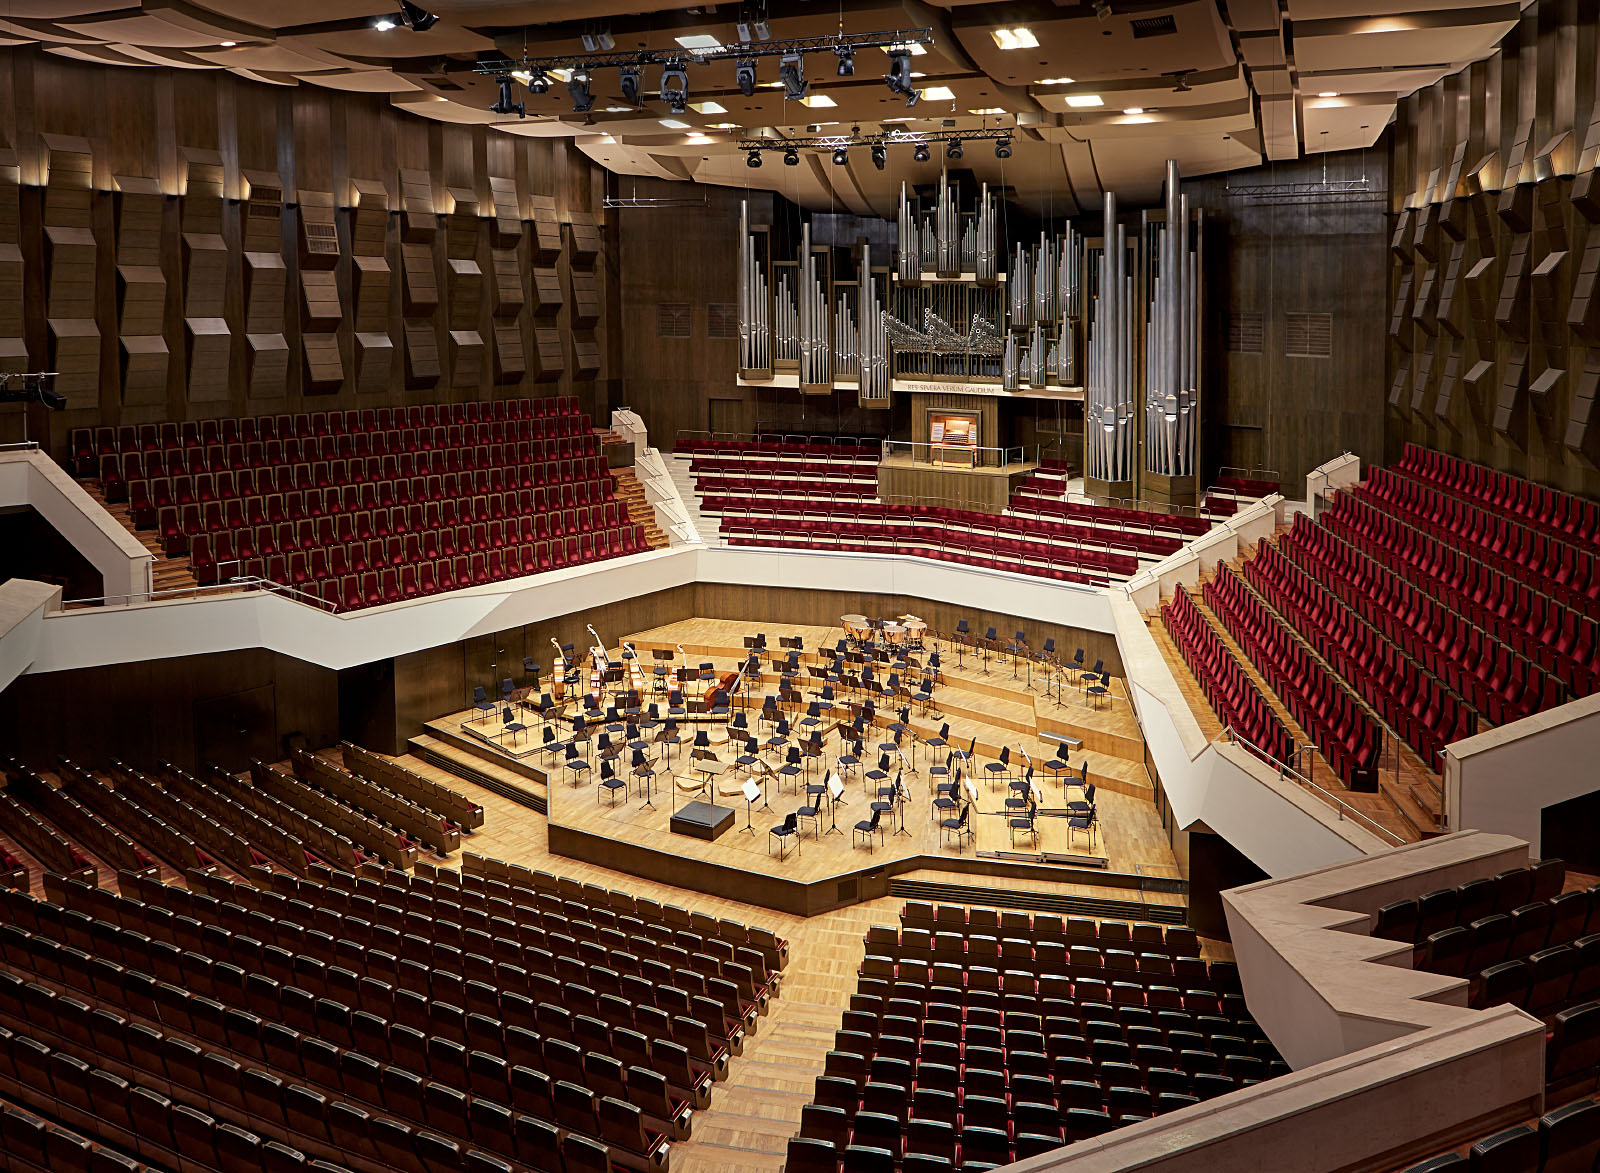 Architekturaufnahme vom großen Konzertsaal